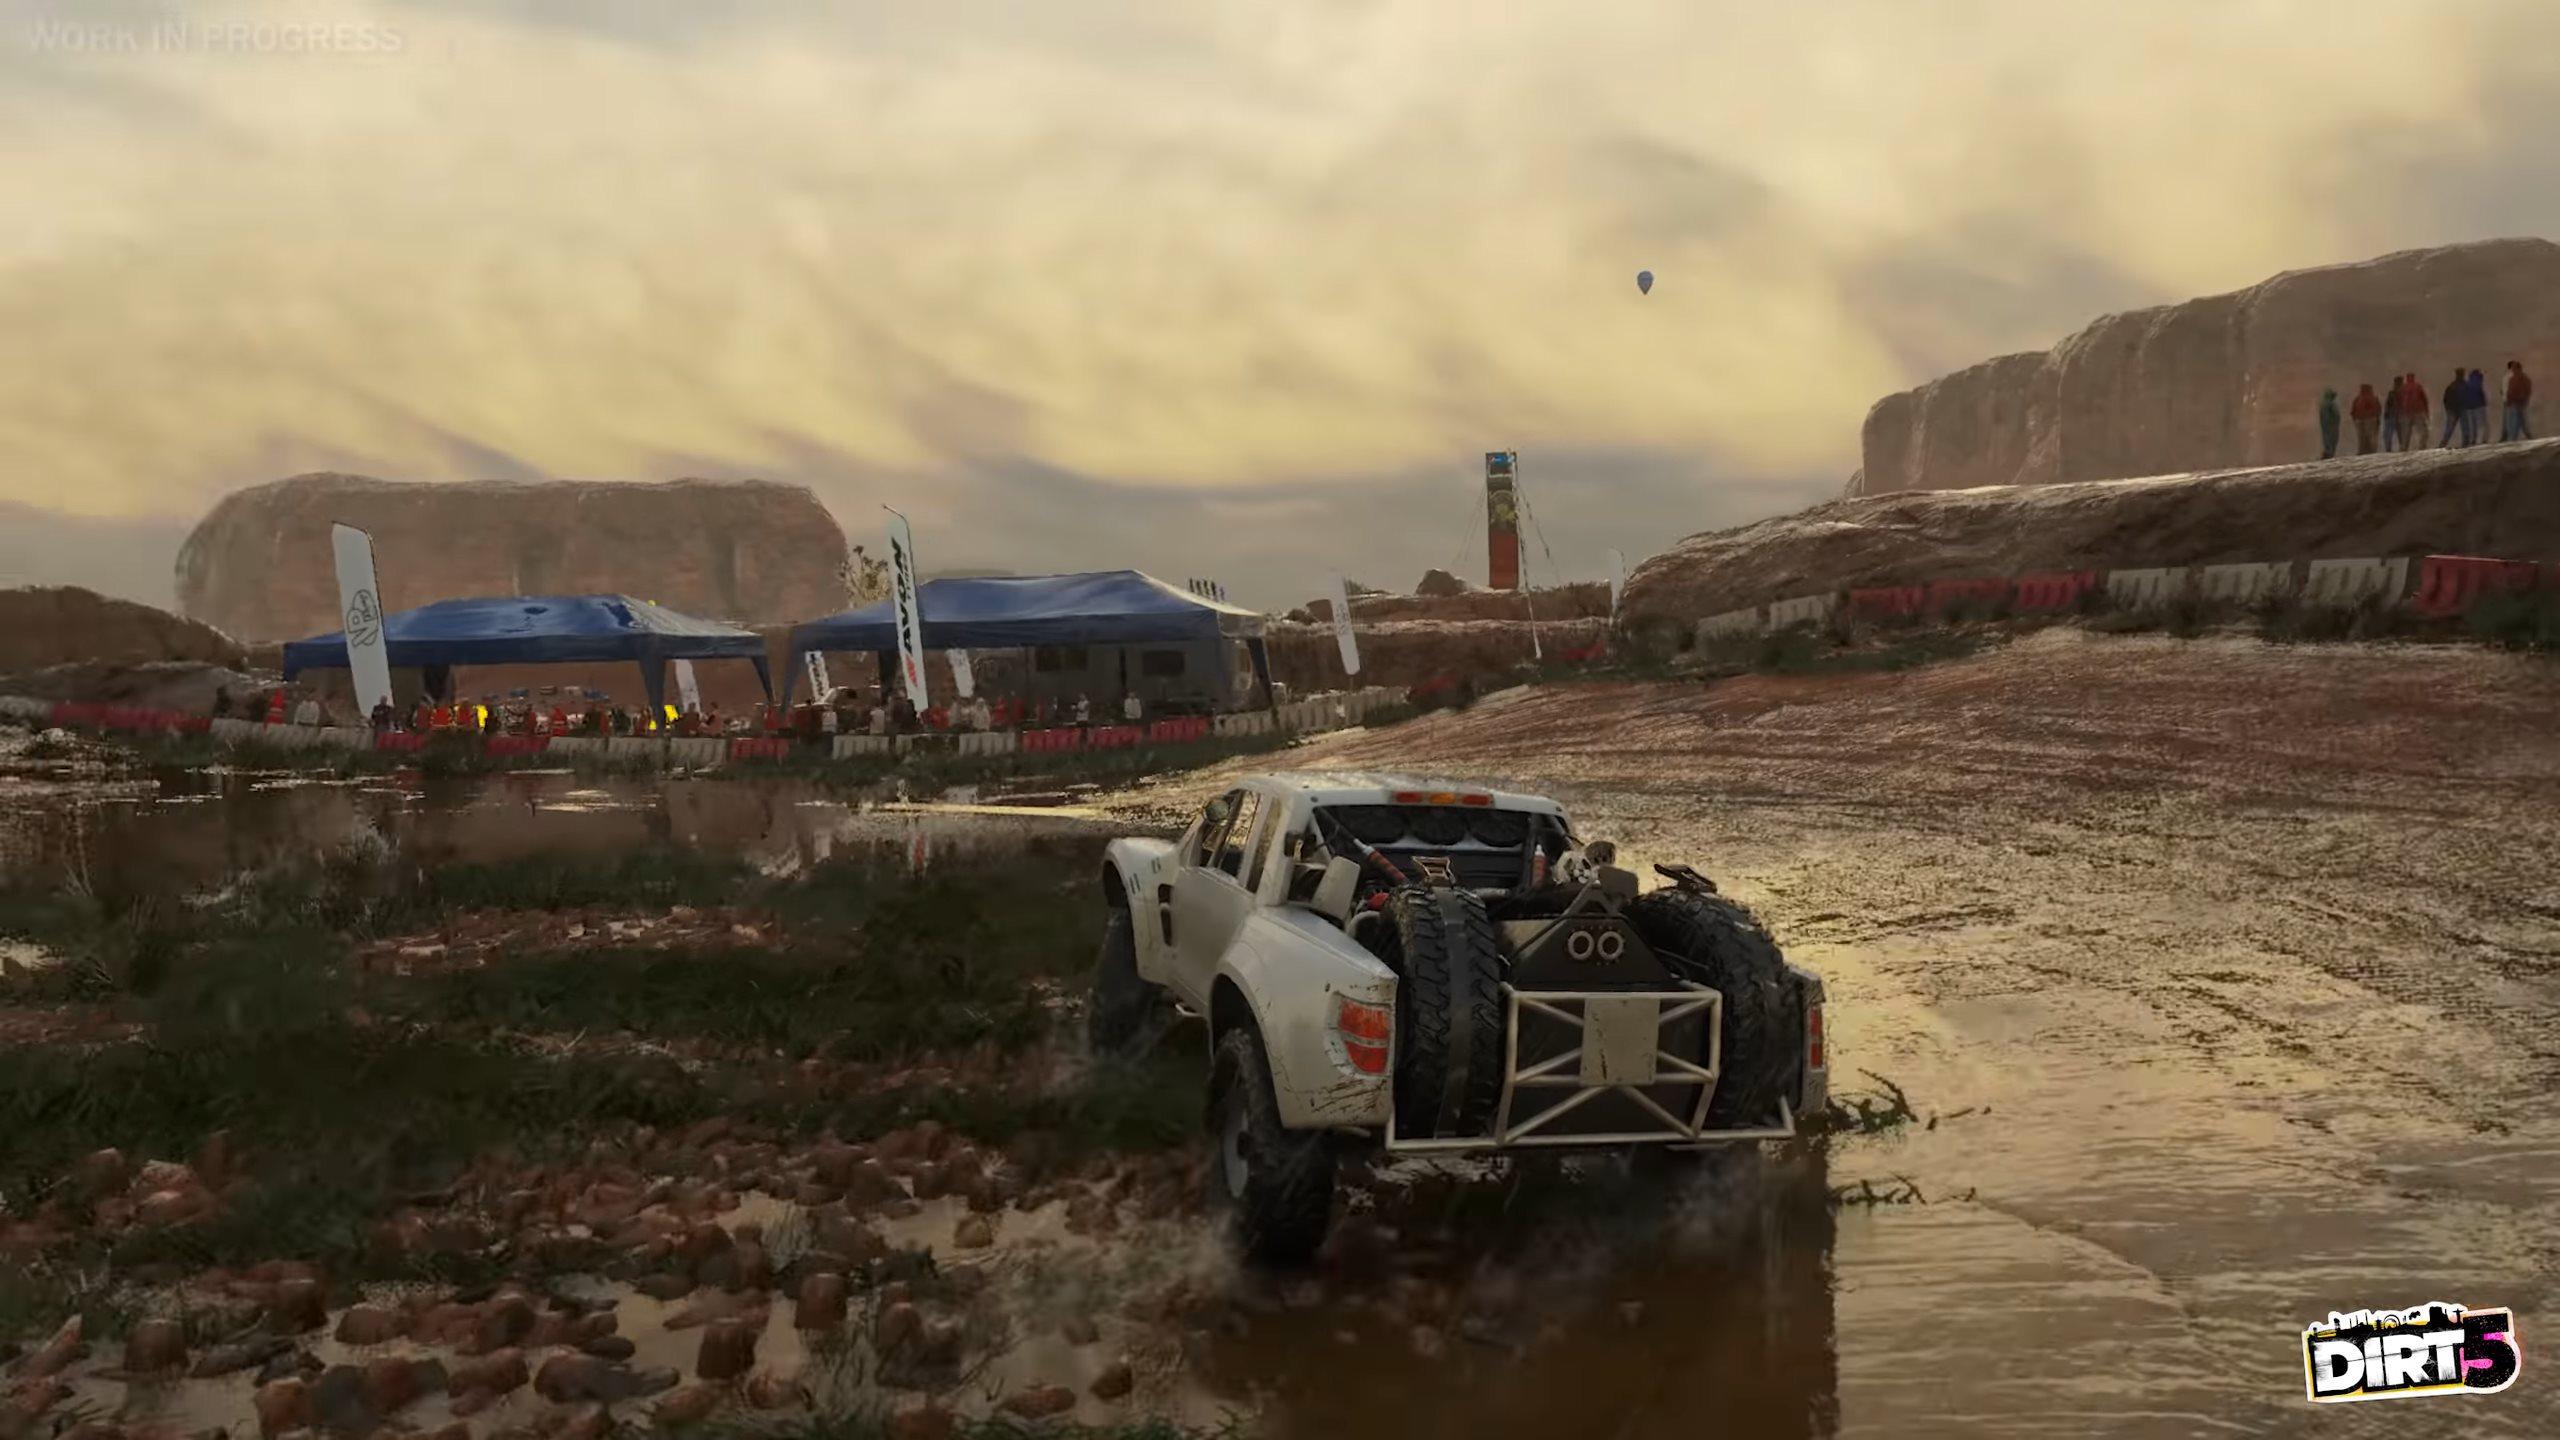 《尘埃5》计时赛实机演示片段 多视角切换雨中疾驰